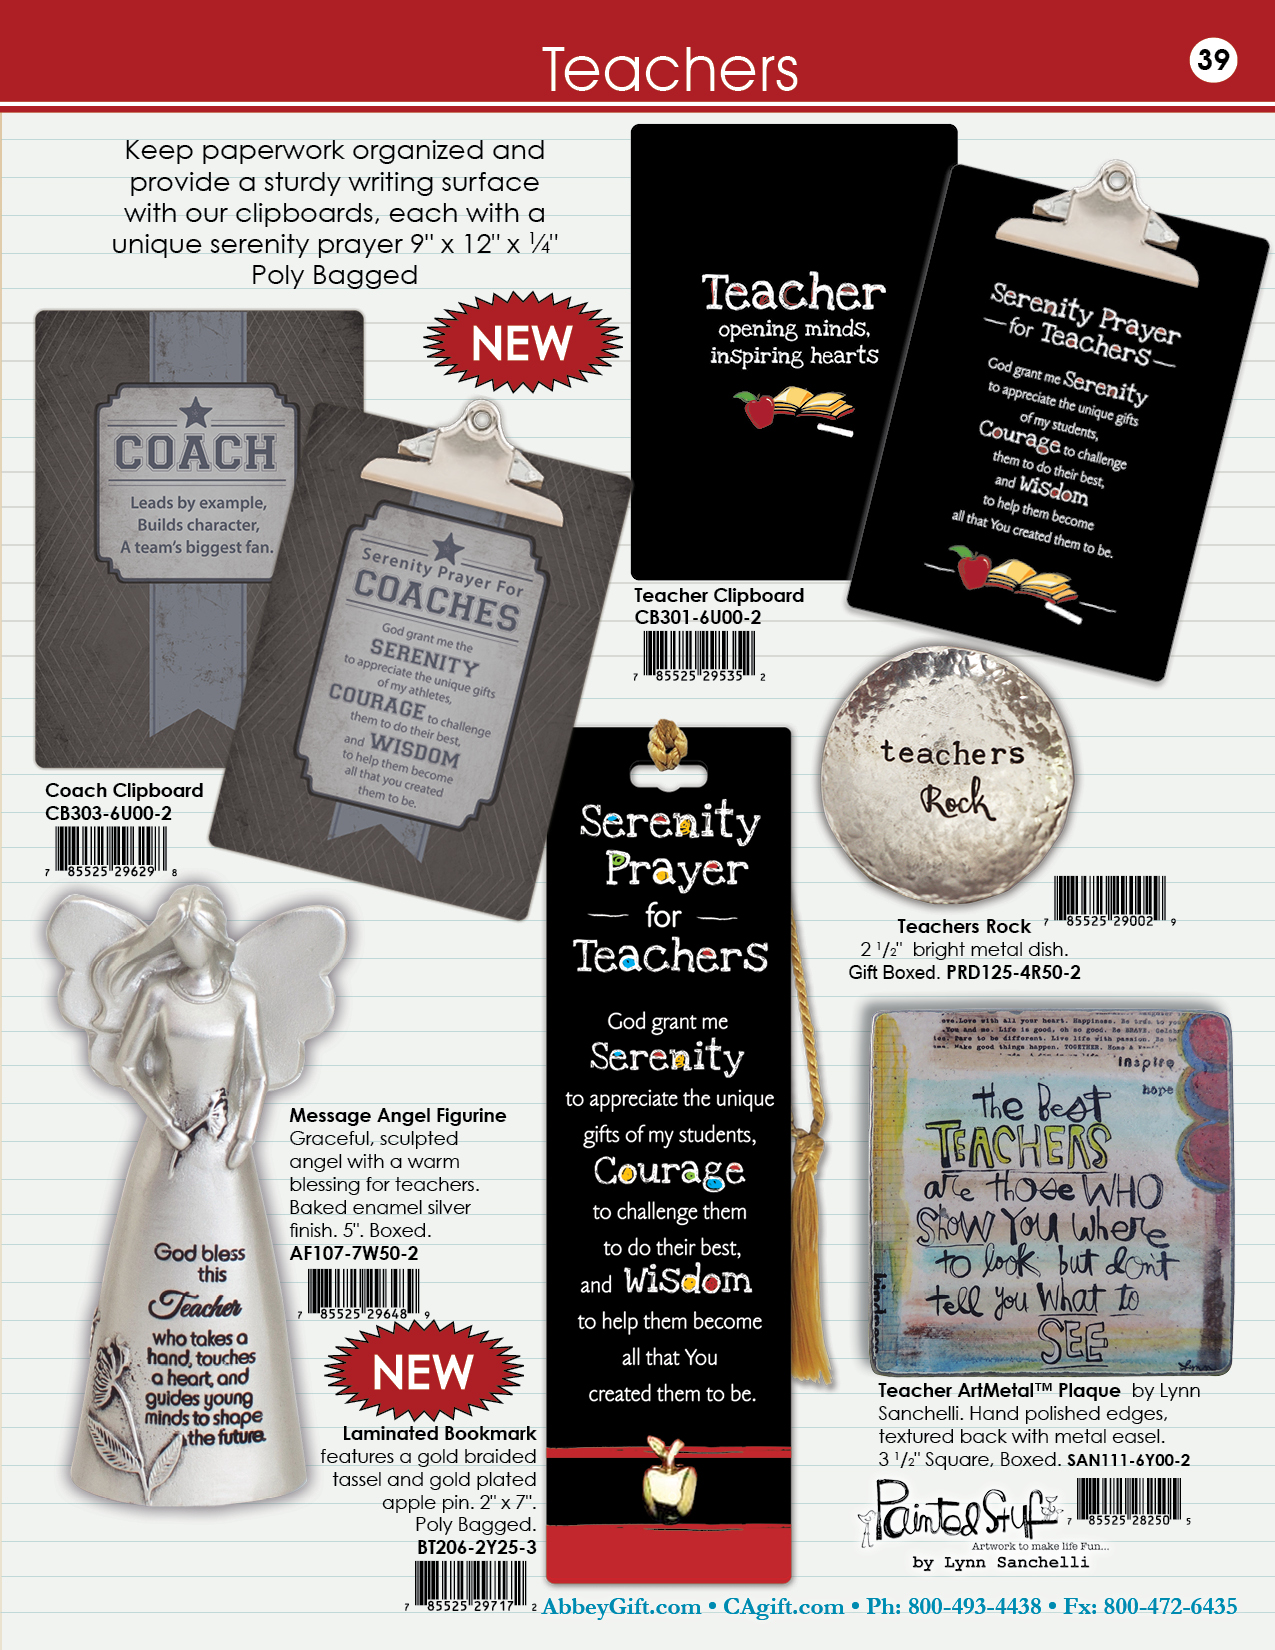 2019 Abbey CA Gift Catalog 39